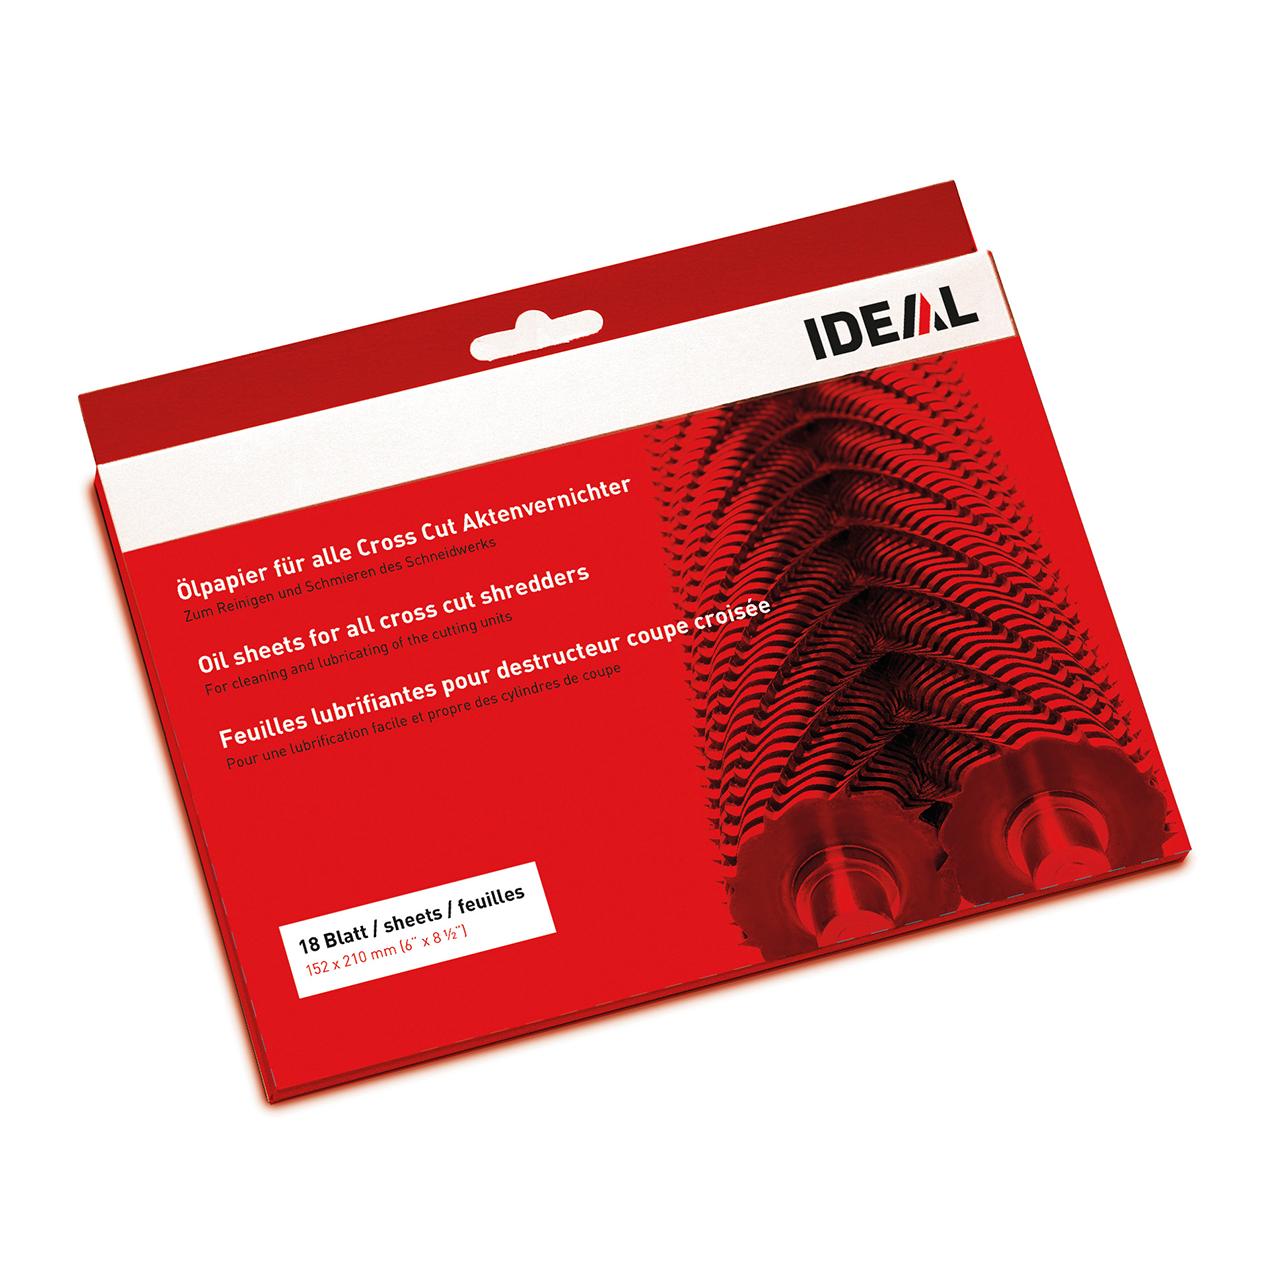 Ölpapier für verschiedene IDEAL Aktenvernichter